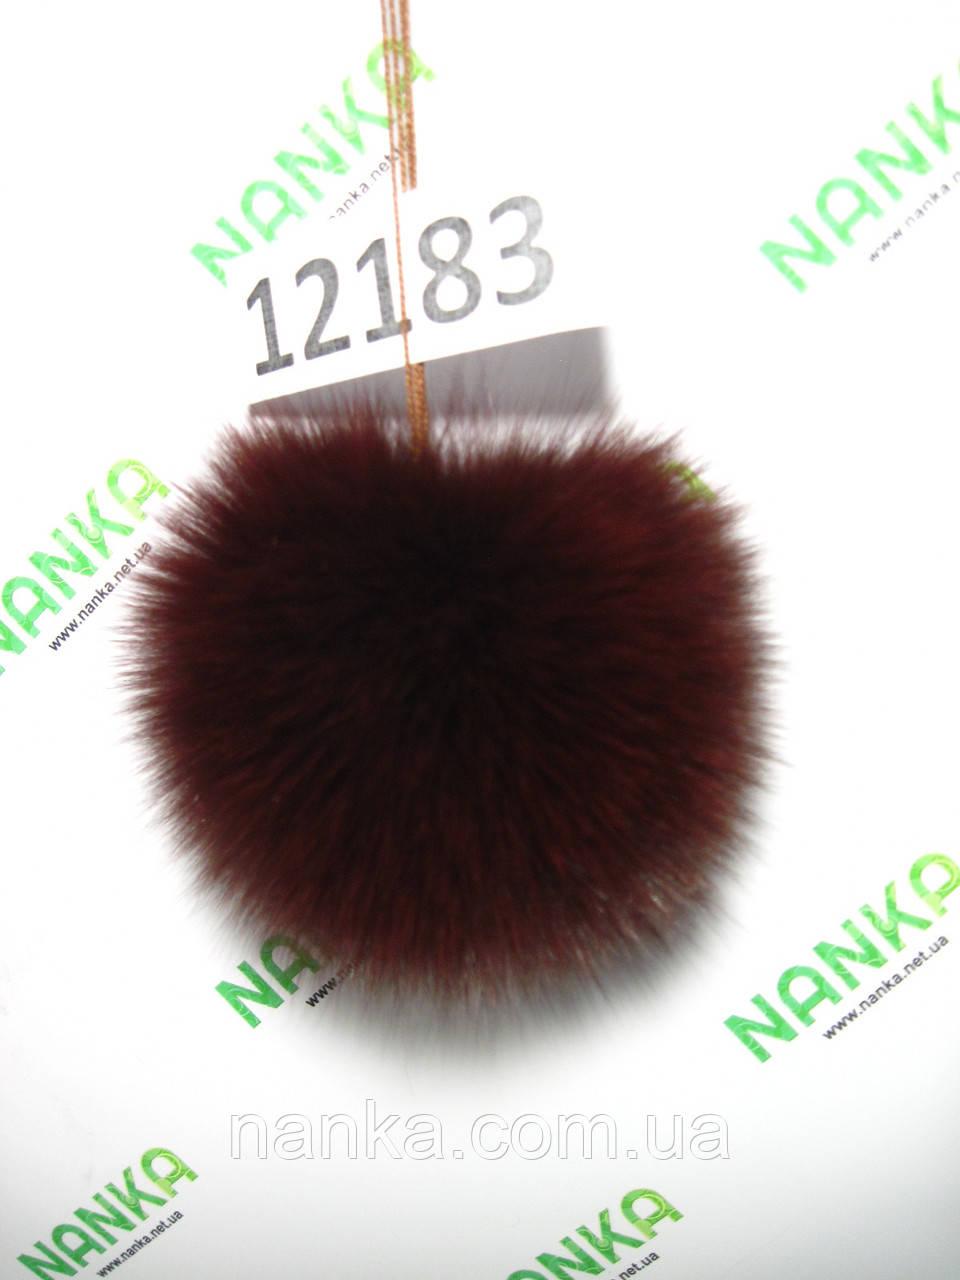 Меховой помпон Песец, Бордо, 10 см,  12183